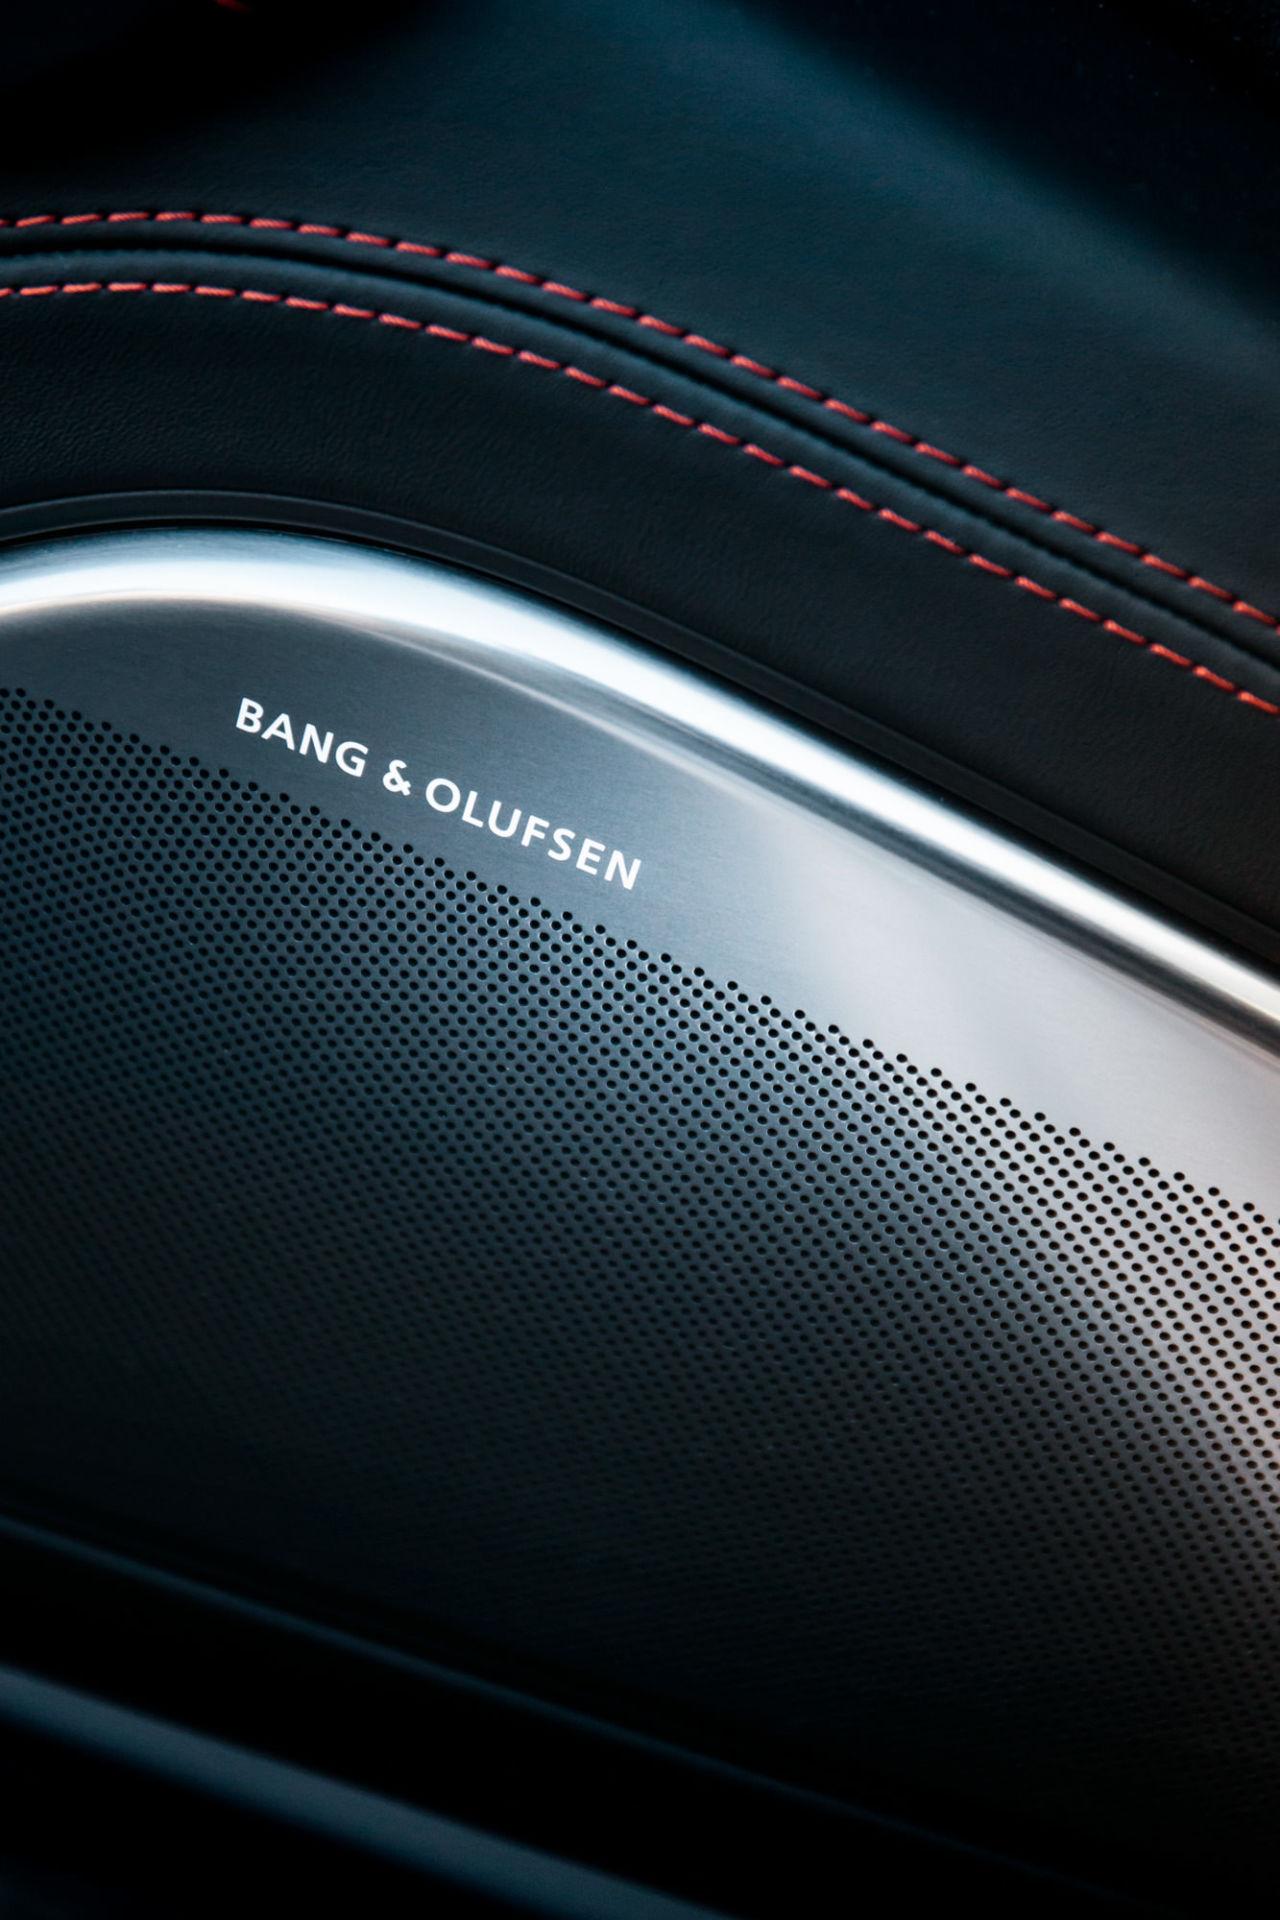 bernstein photodesign Audi S8 Details